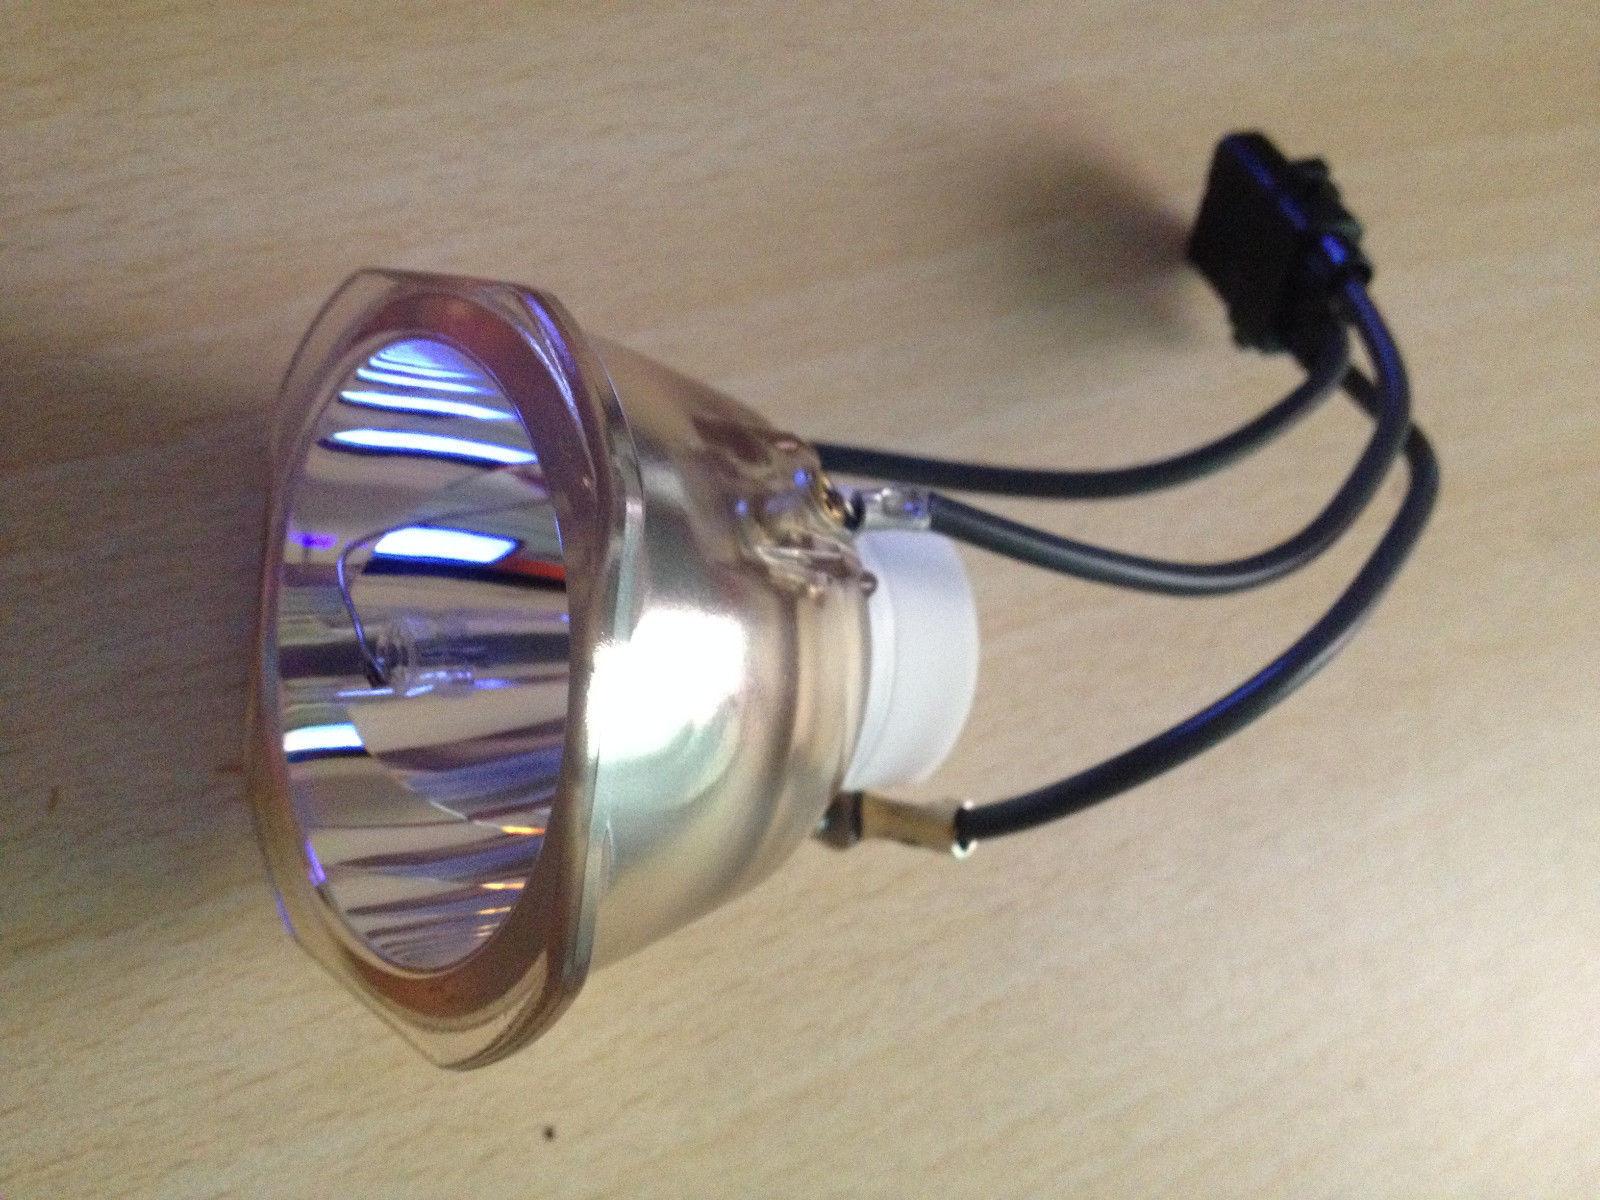 High quality Replacement Projector lamp bulb 6912B22008E AJ-LBX3A for LG electronic BX-277 BX277 BX327 BX-327 BX327-JD ect aj ldx5 replacement projector lamp bulb for lg bx401c bx403b bx403 bx403b jd ect